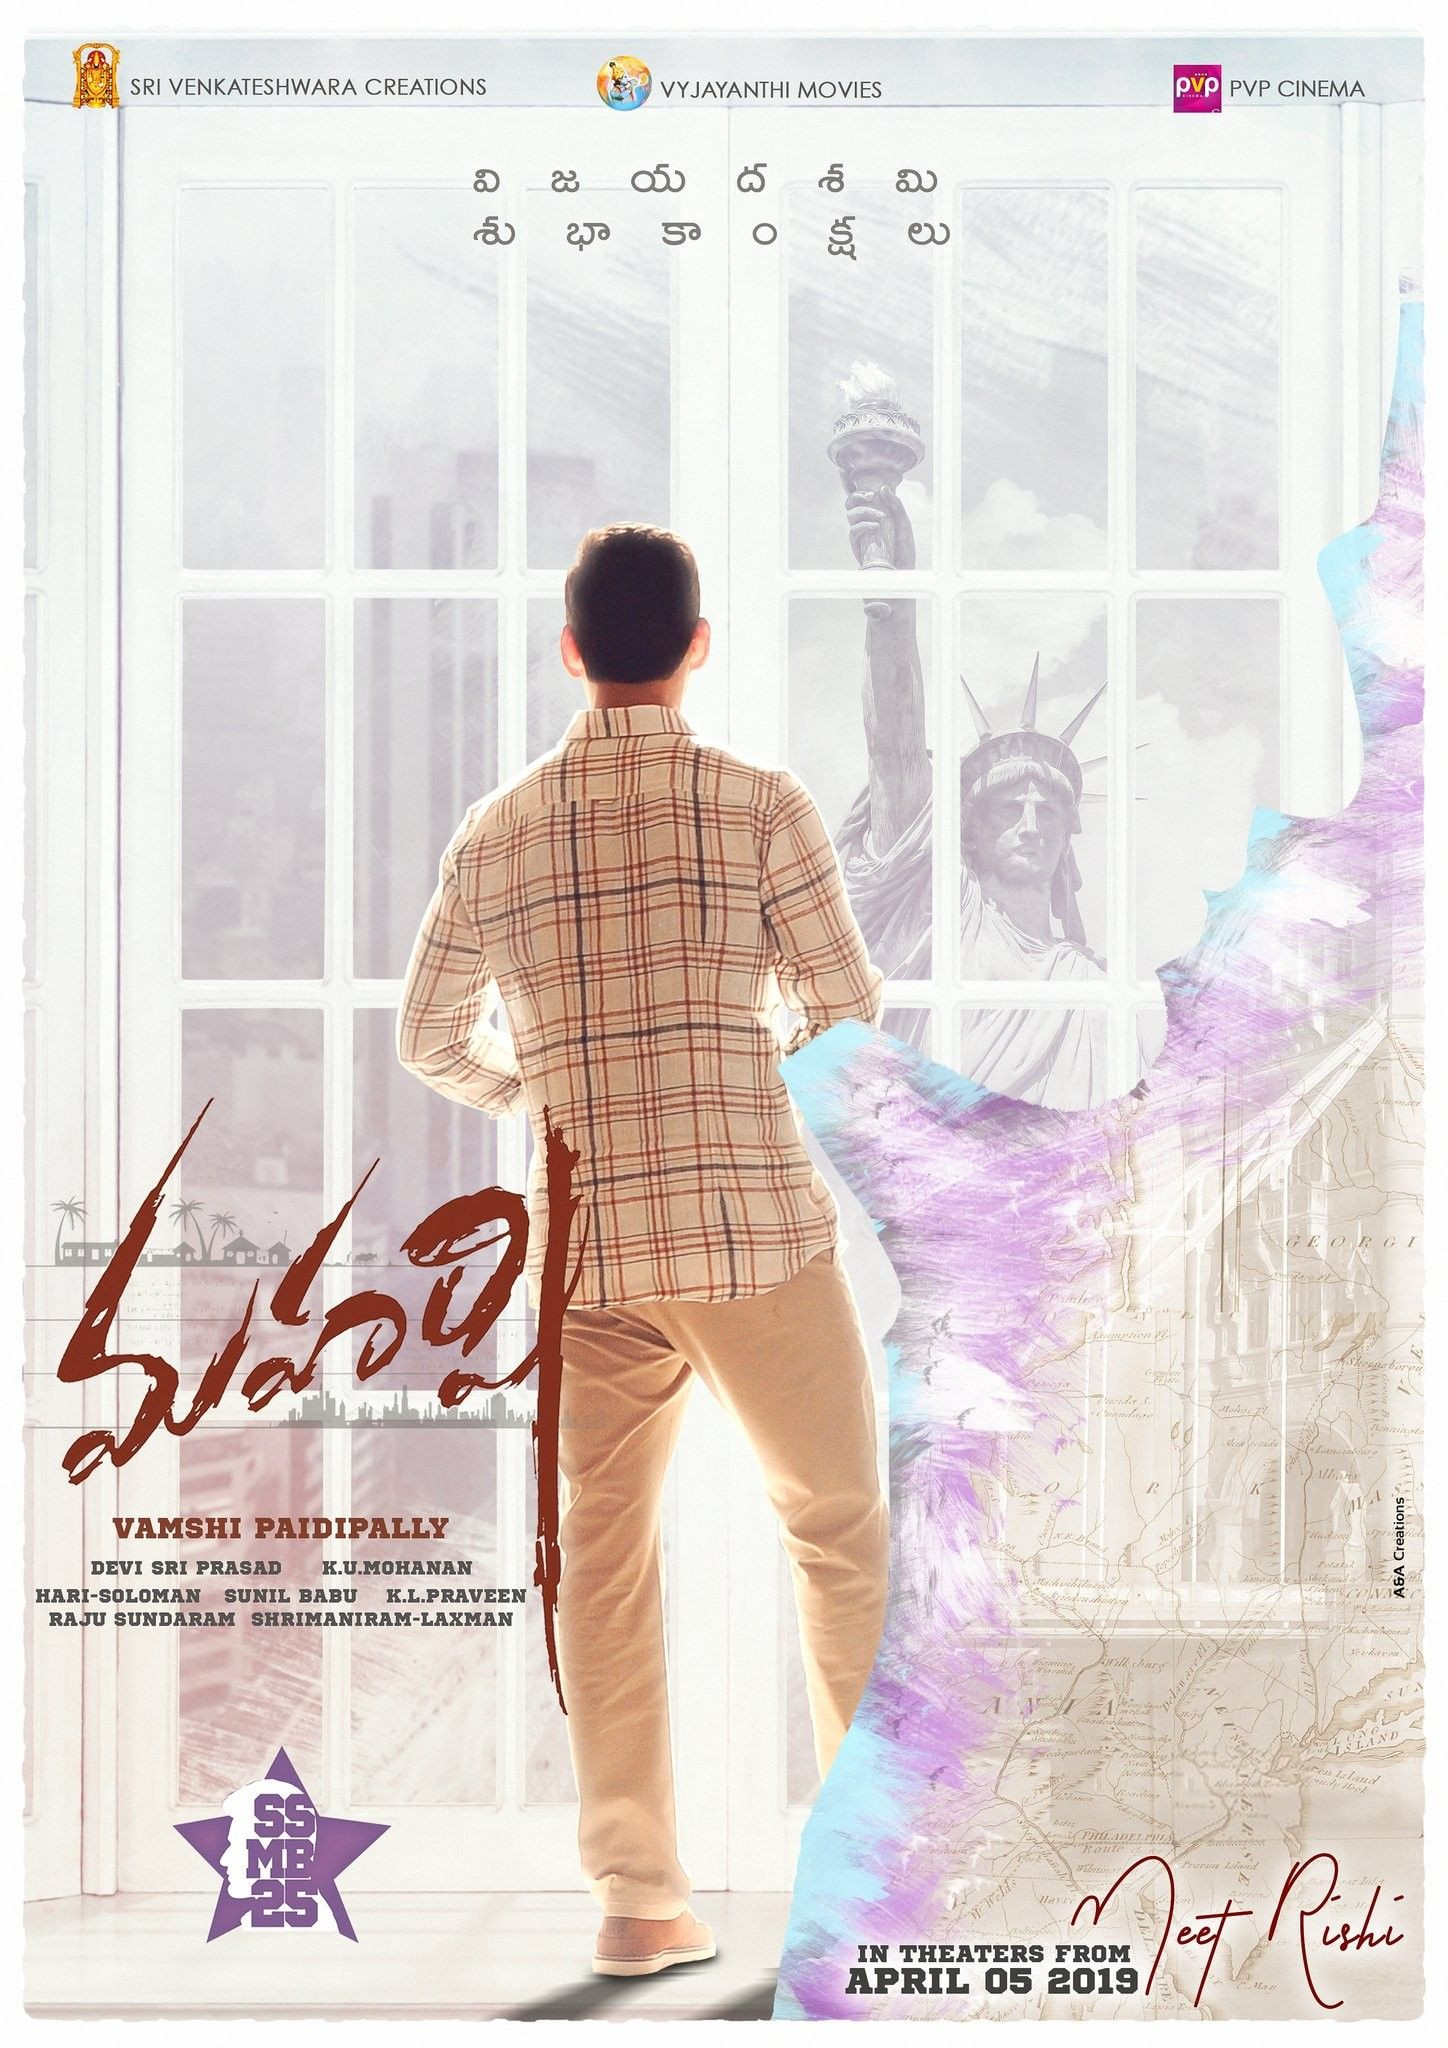 Mahesh Babu Maharshi Movie Vijayadashami Wishes Poster